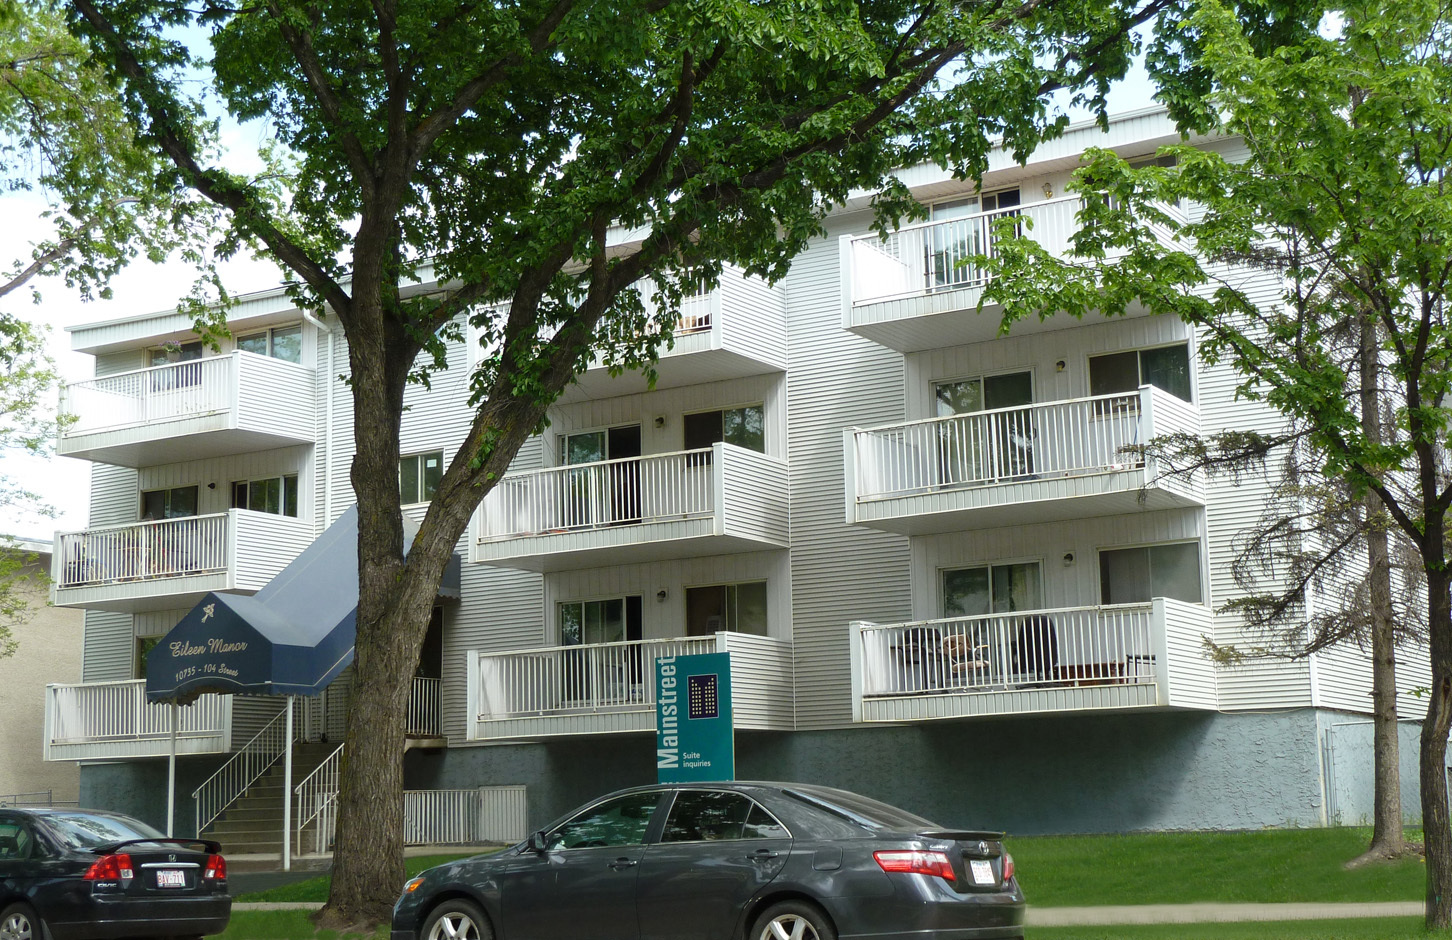 10735 104 Street NW, Edmonton, AB - $825